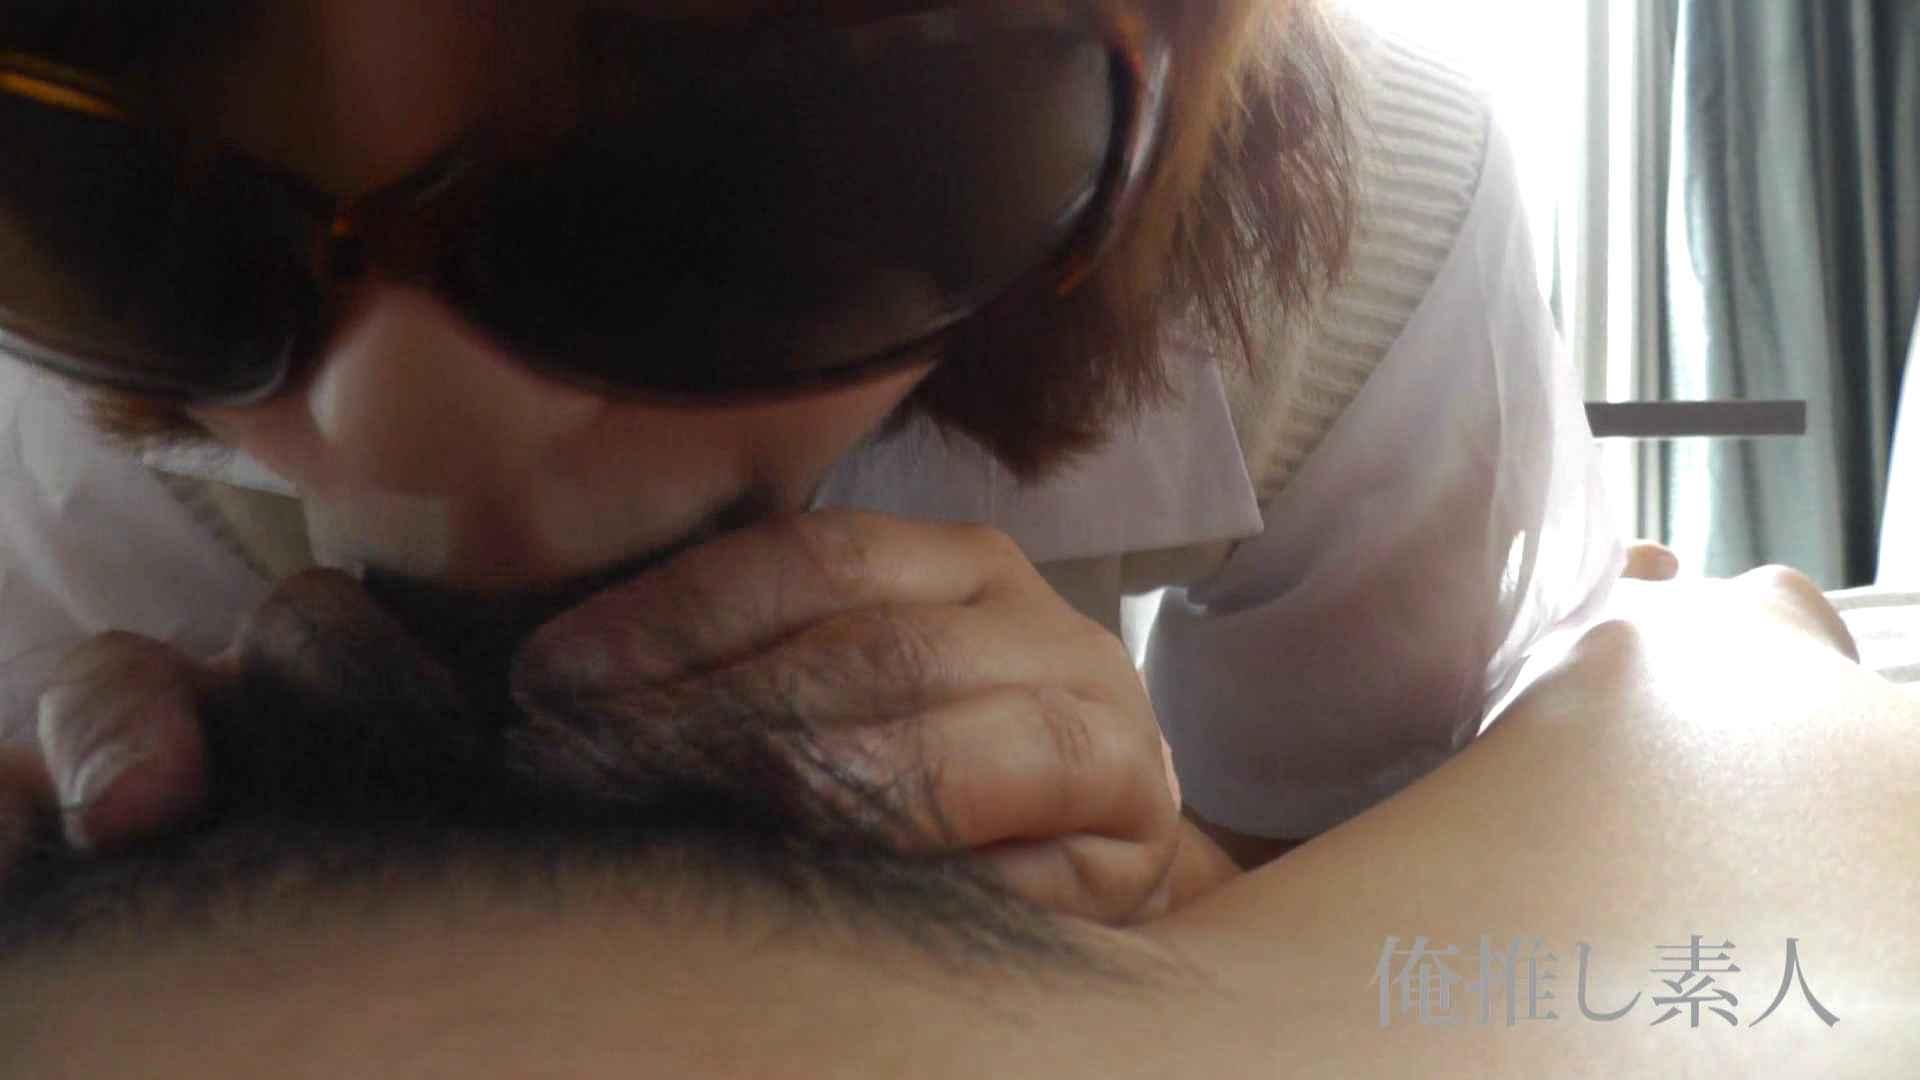 俺推し素人 キャバクラ嬢26歳久美vol6 投稿 スケベ動画紹介 77連発 45